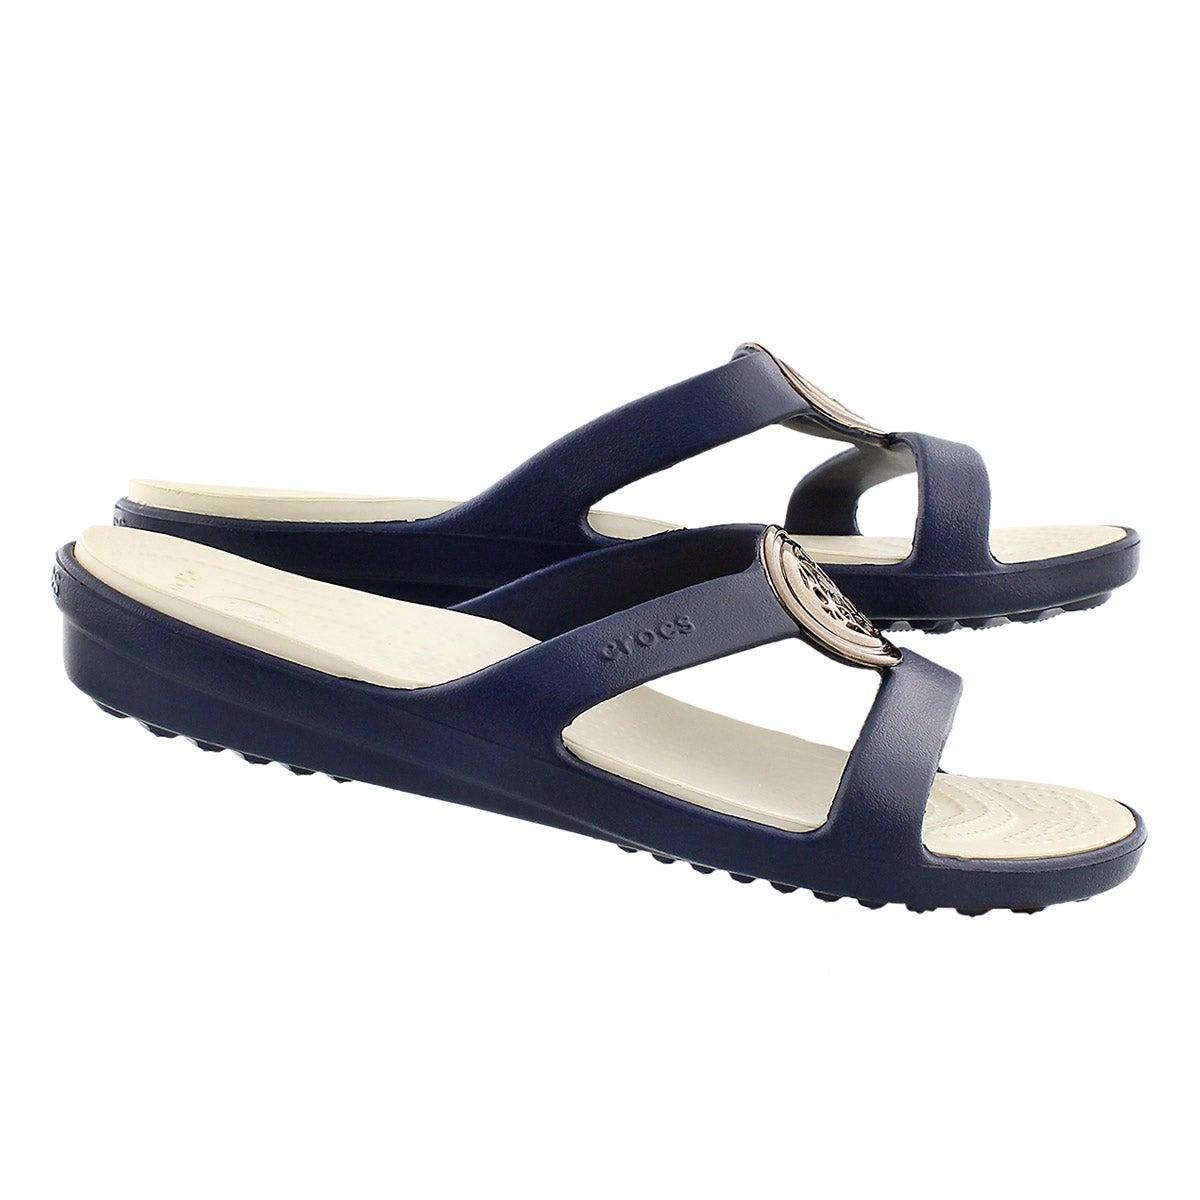 Lds Sanrah Circle navy slide sandal